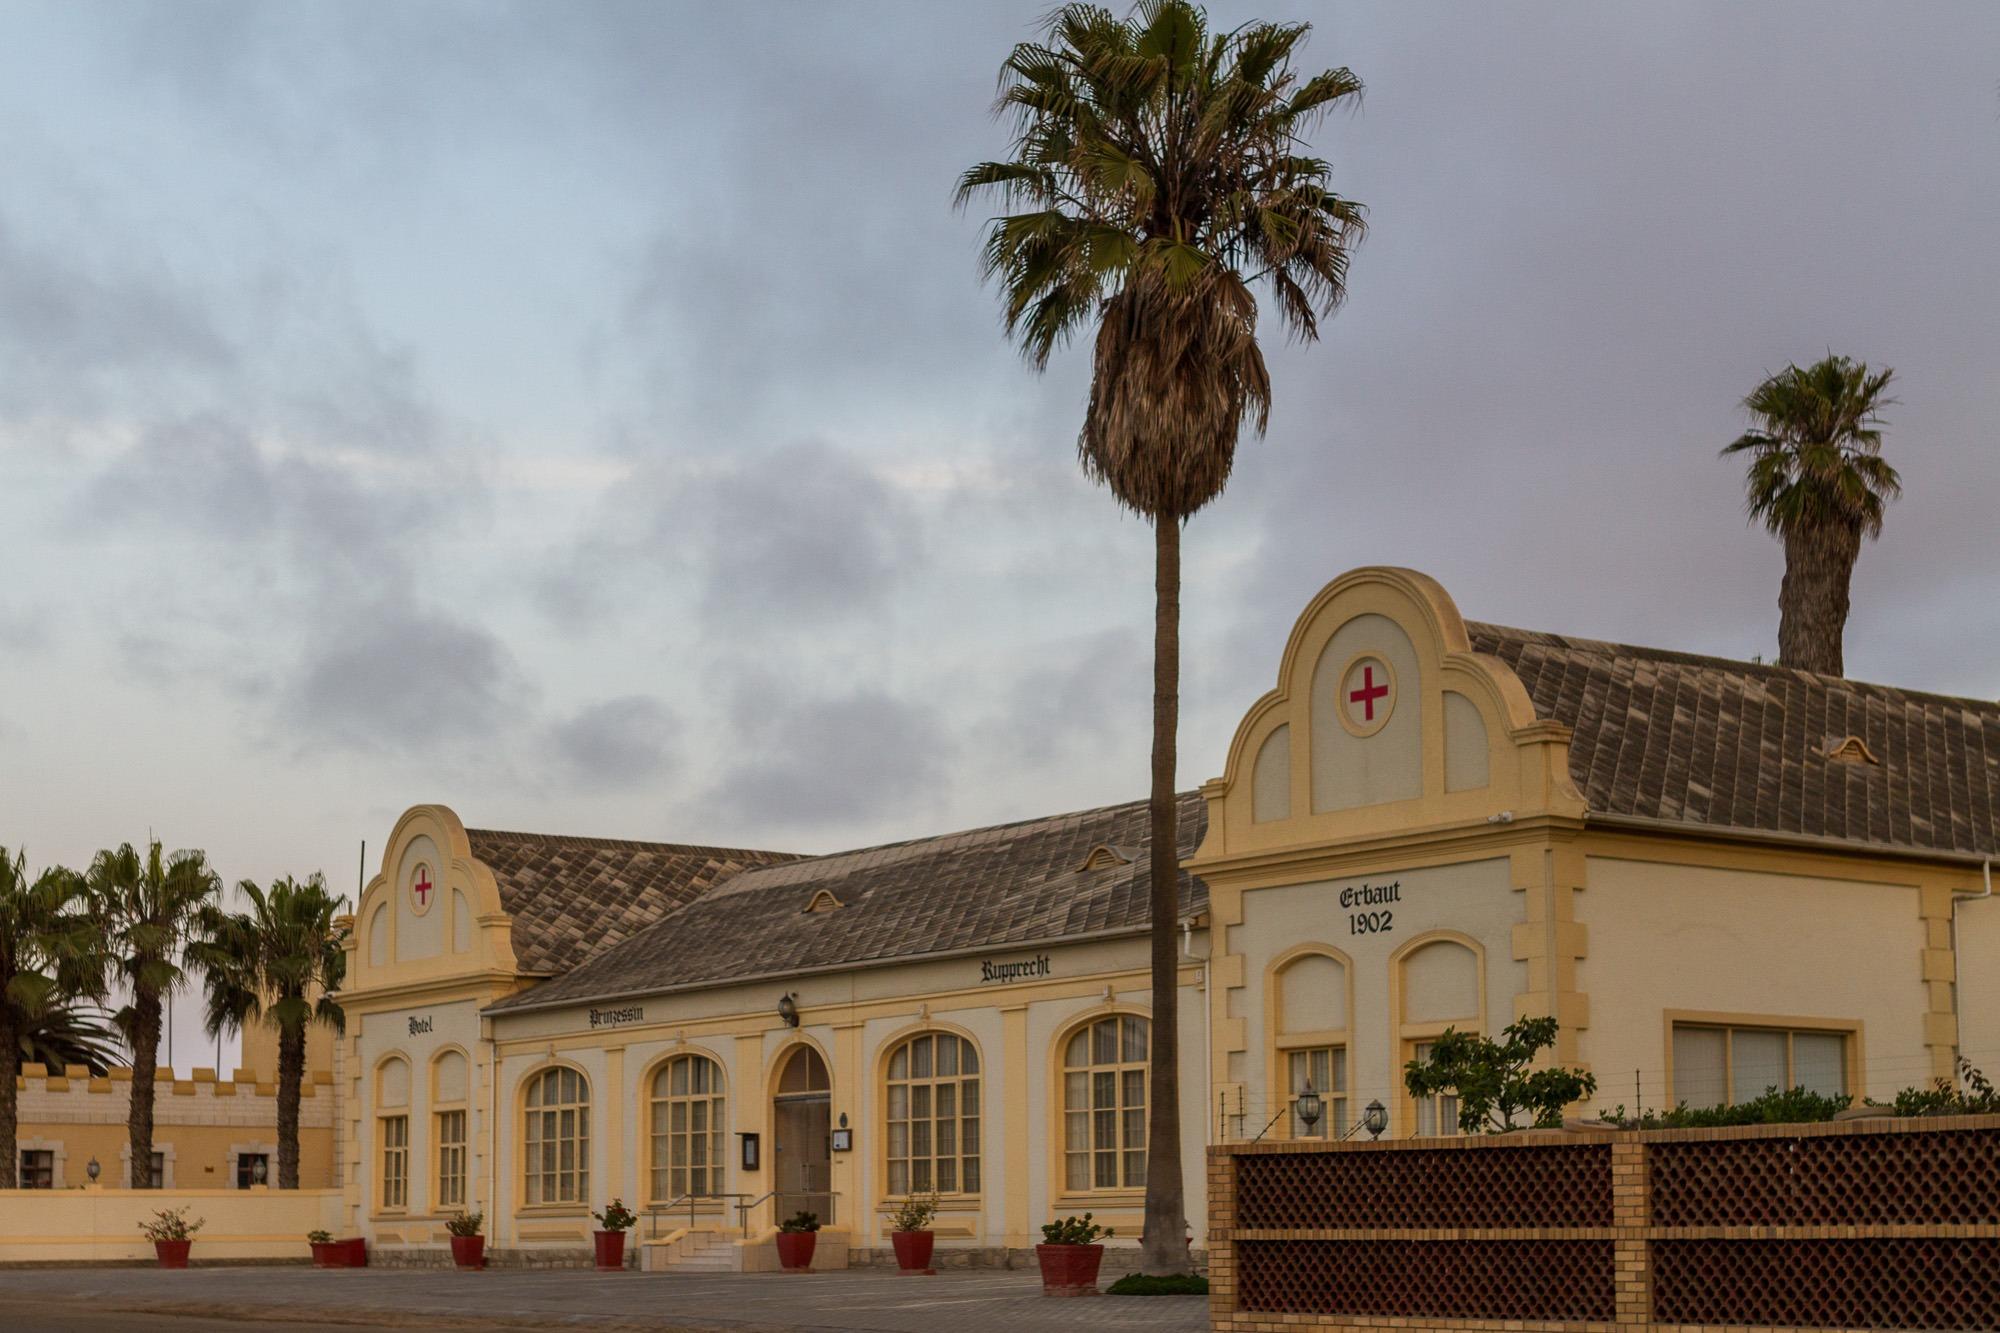 Aussenansicht Hotel Prinzessin Ruprecht in Swapkopmund, Namibia